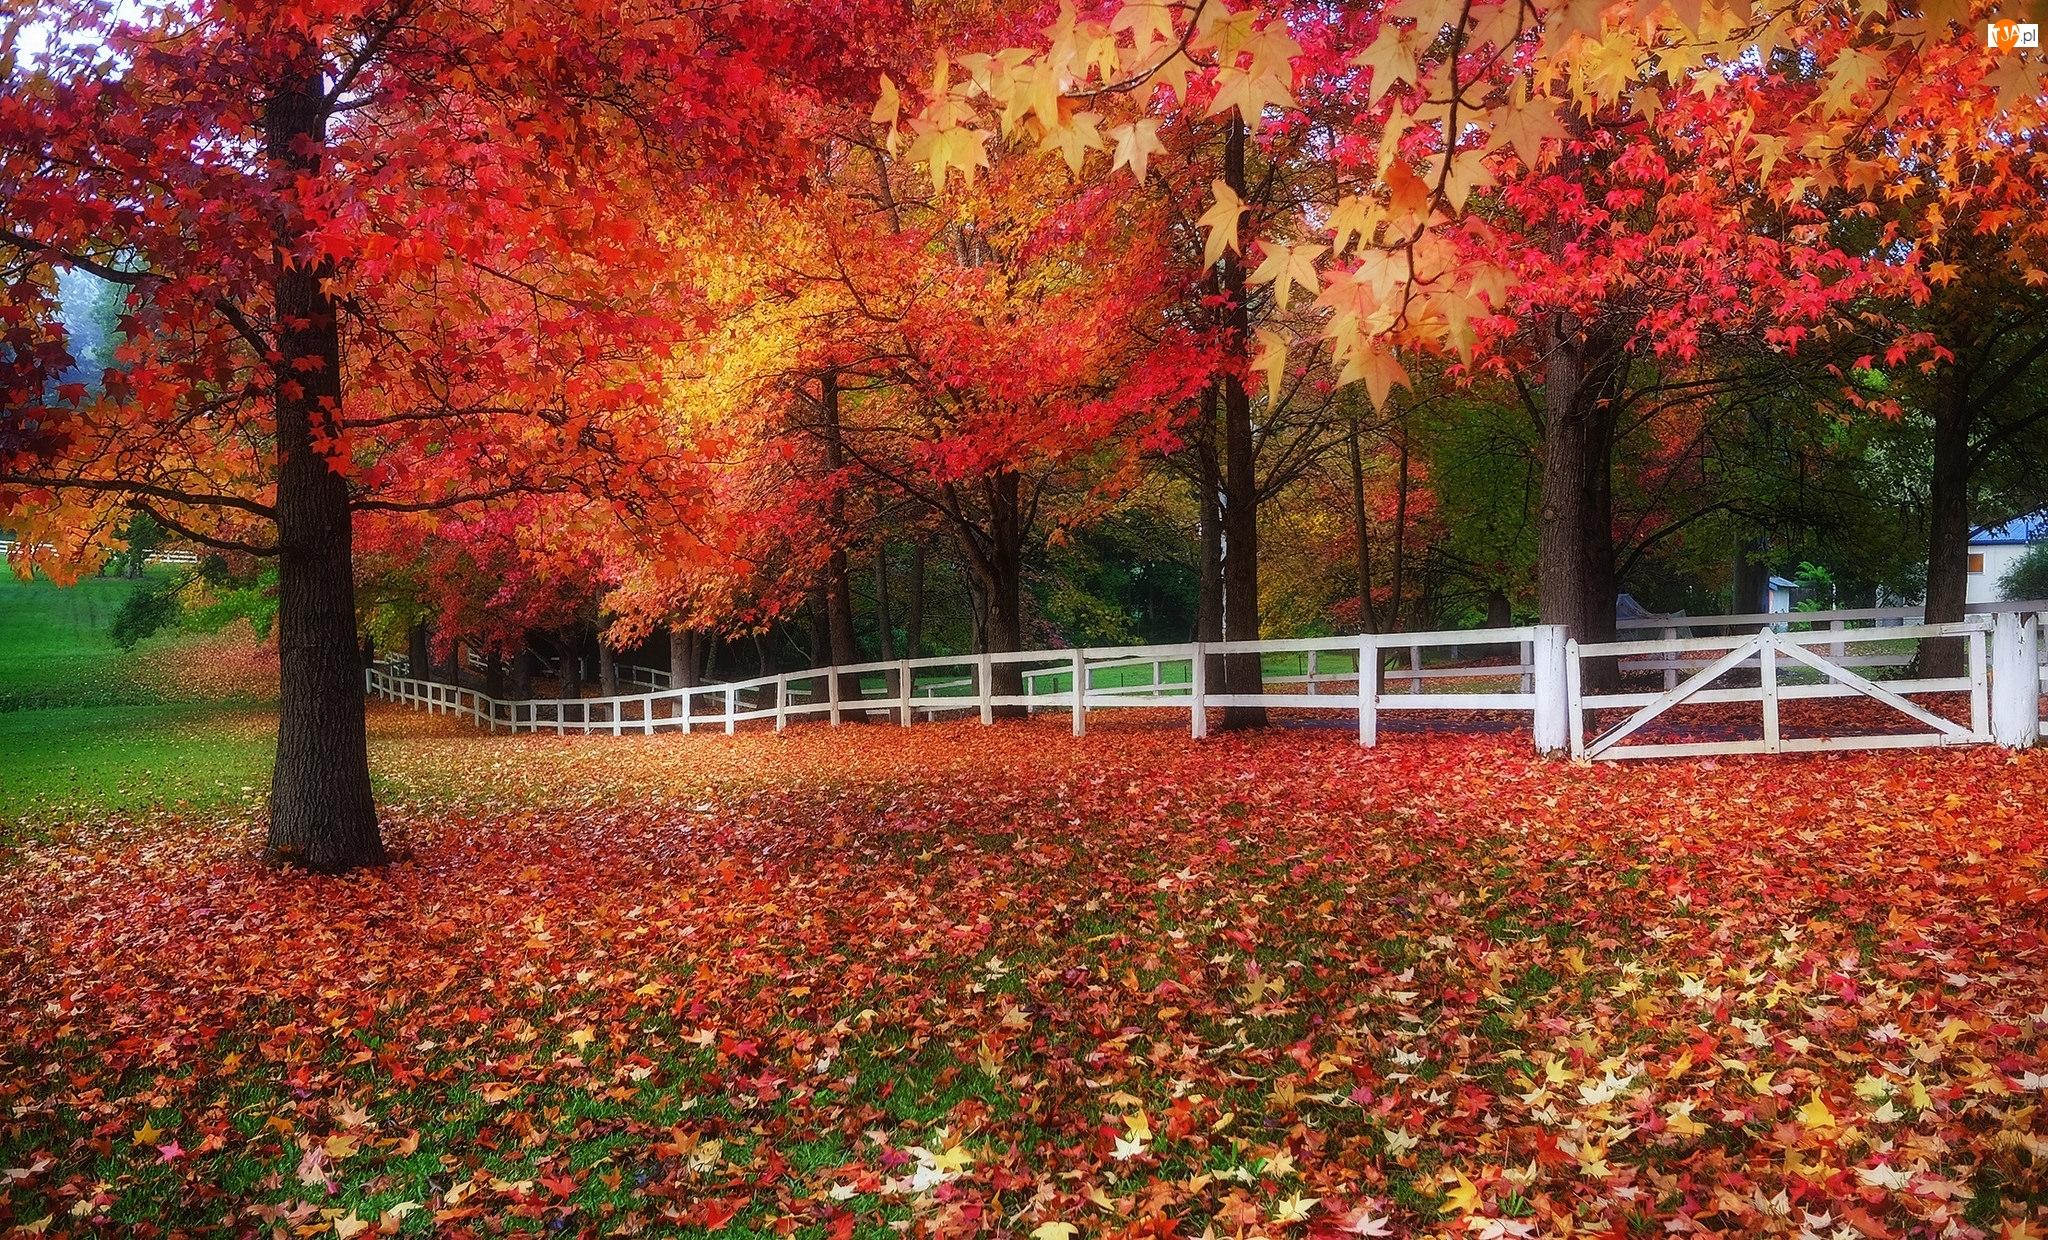 Jesień, Ogrodzenie, Drzewa, Park, Liście